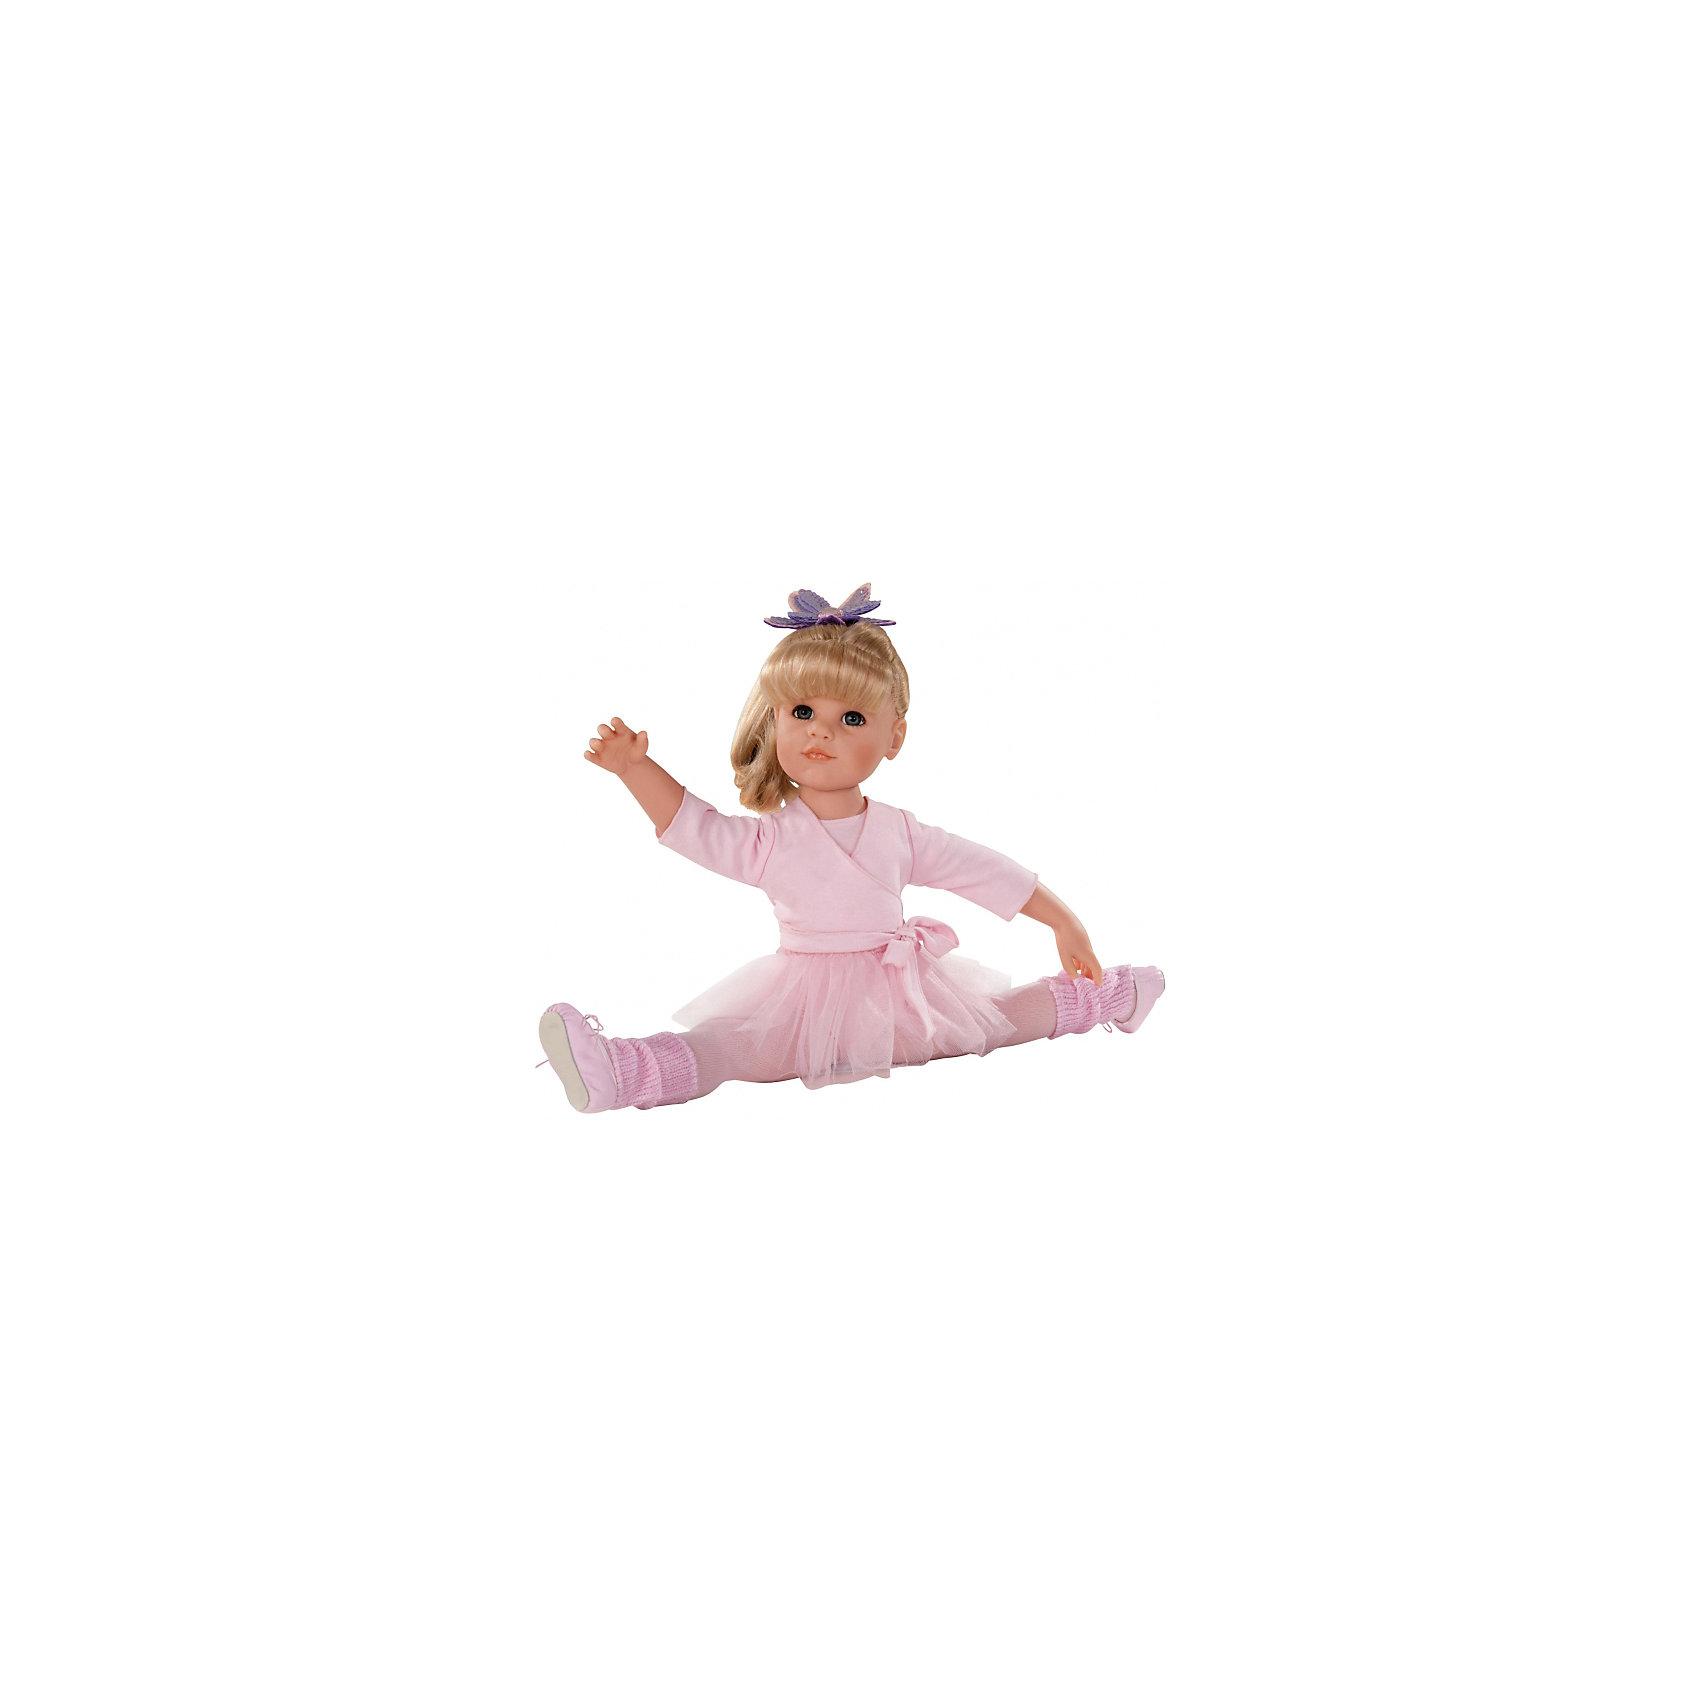 Кукла Ханна Балерина, 50см, блондинка, G?tzБренды кукол<br>Очаровательная кукла Ханна-балерина станет замечательным подарком для девочки. С красивой куклой, которая так похожа на настоящую девочку, можно проводить много времени вместе, придумывая увлекательные сюжеты для игр. Кукла Gotz с виниловым подвижным телом подходит для активных игр дома и на улице. Куклу можно переодевать и делать различные прически. Ханна одета в прекрасный воздушный розовый наряд, как настоящая ученица балетной школы. На ней прелестный кардиган с завязками, колготки, гетры, и, конечно же, балетные туфли и юбочка! На голове у нее любимая заколка в виде цветка. А чтобы куколка смогла переодеться после тренировки, у нее с собой есть сменный комплект летней одежды! В комплекте: кукла Ханна в одежде и обуви, сменный комплект летней одежды, инструкция. Куклу можно мыть, для поддержания одежды в опрятном виде рекомендуется щадящая машинная стирка при температуре 30 градусов.<br><br>Ширина мм: 527<br>Глубина мм: 384<br>Высота мм: 140<br>Вес г: 1200<br>Возраст от месяцев: 36<br>Возраст до месяцев: 144<br>Пол: Женский<br>Возраст: Детский<br>SKU: 4813059